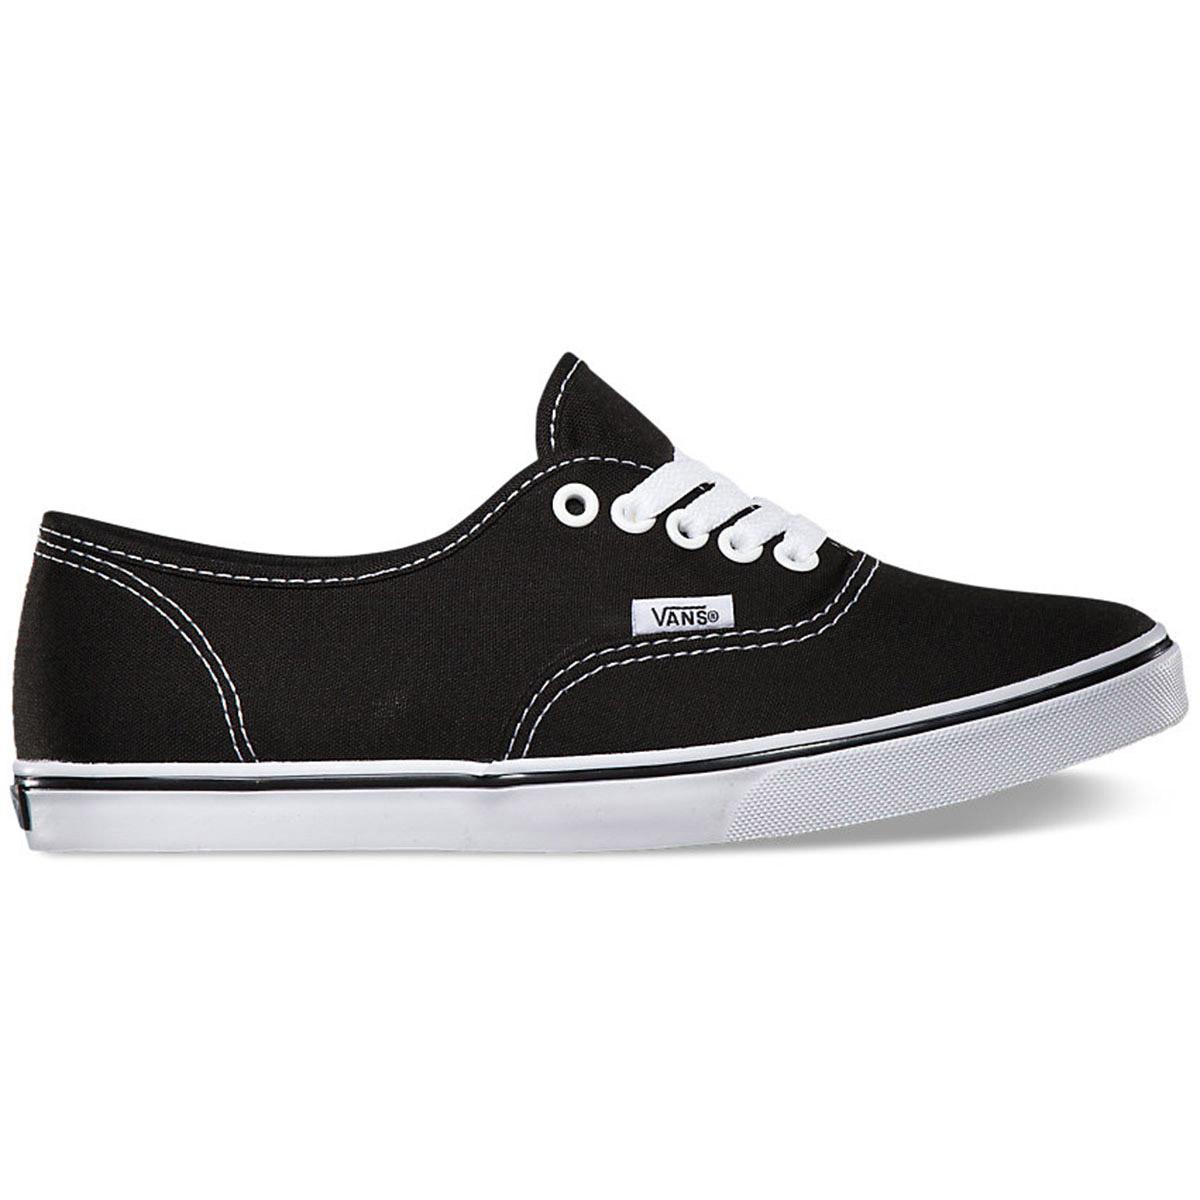 Vans Unisex Authentic Lo Pro Shoes - Black, 9